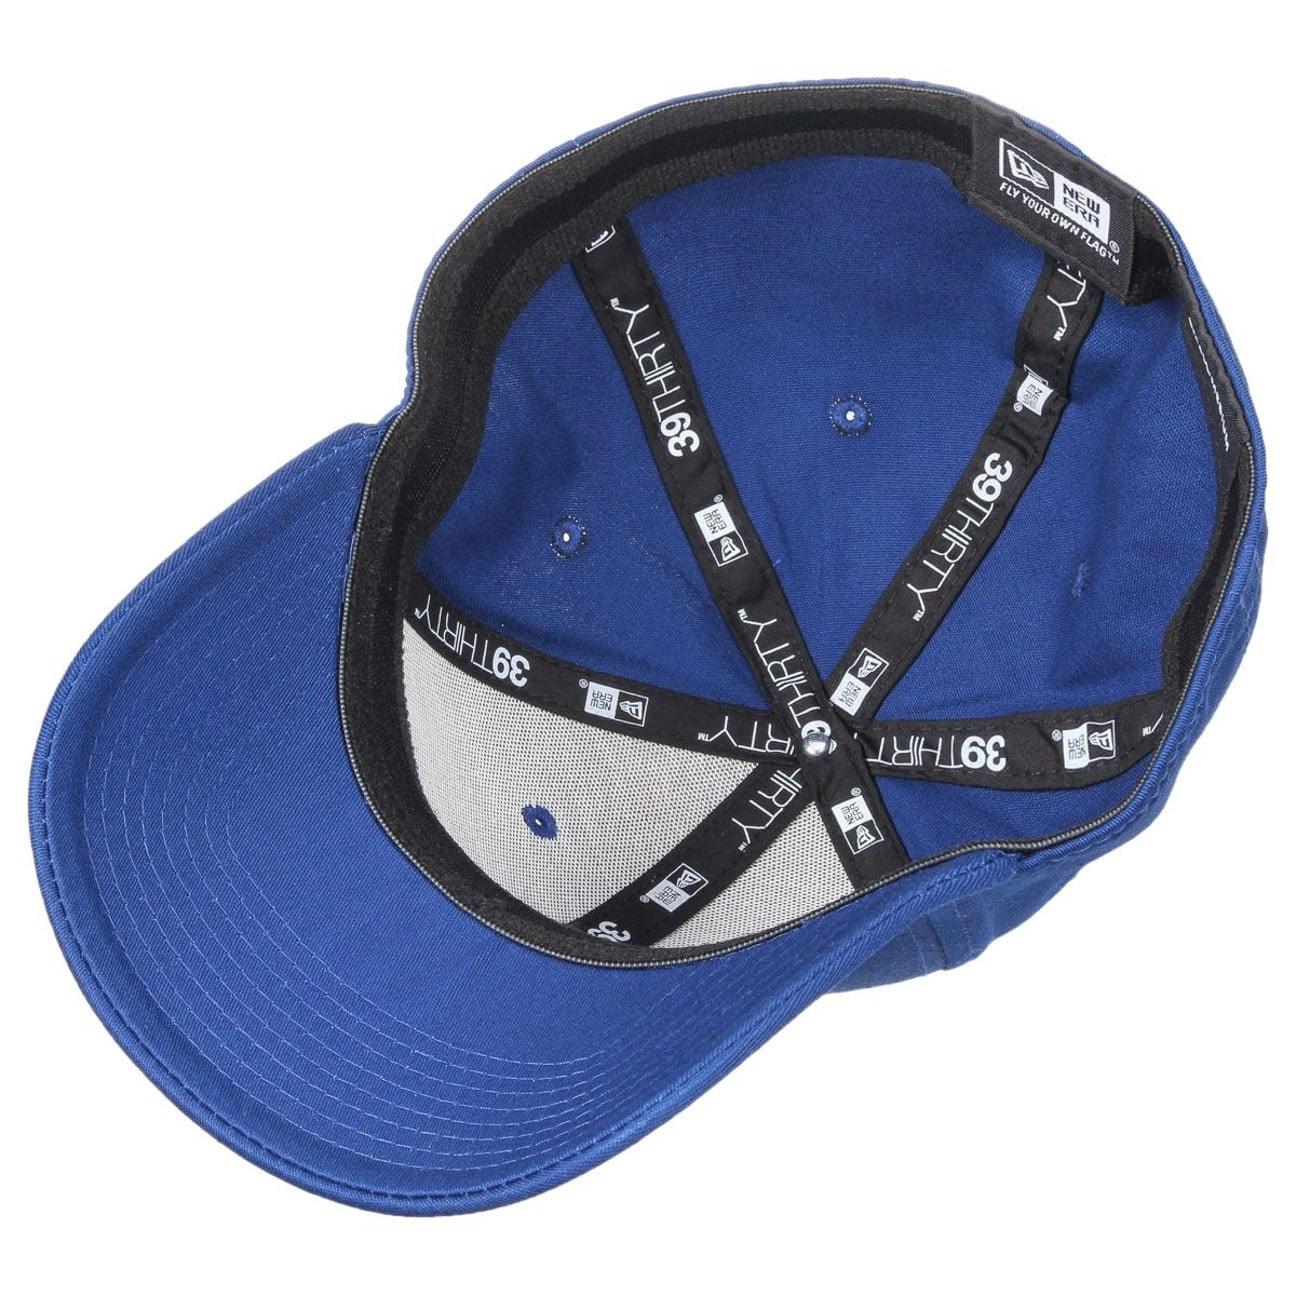 ... black 3 · 39Thirty Blank Baseball Cap by New Era - royal-blue 3 ... b0b55081675